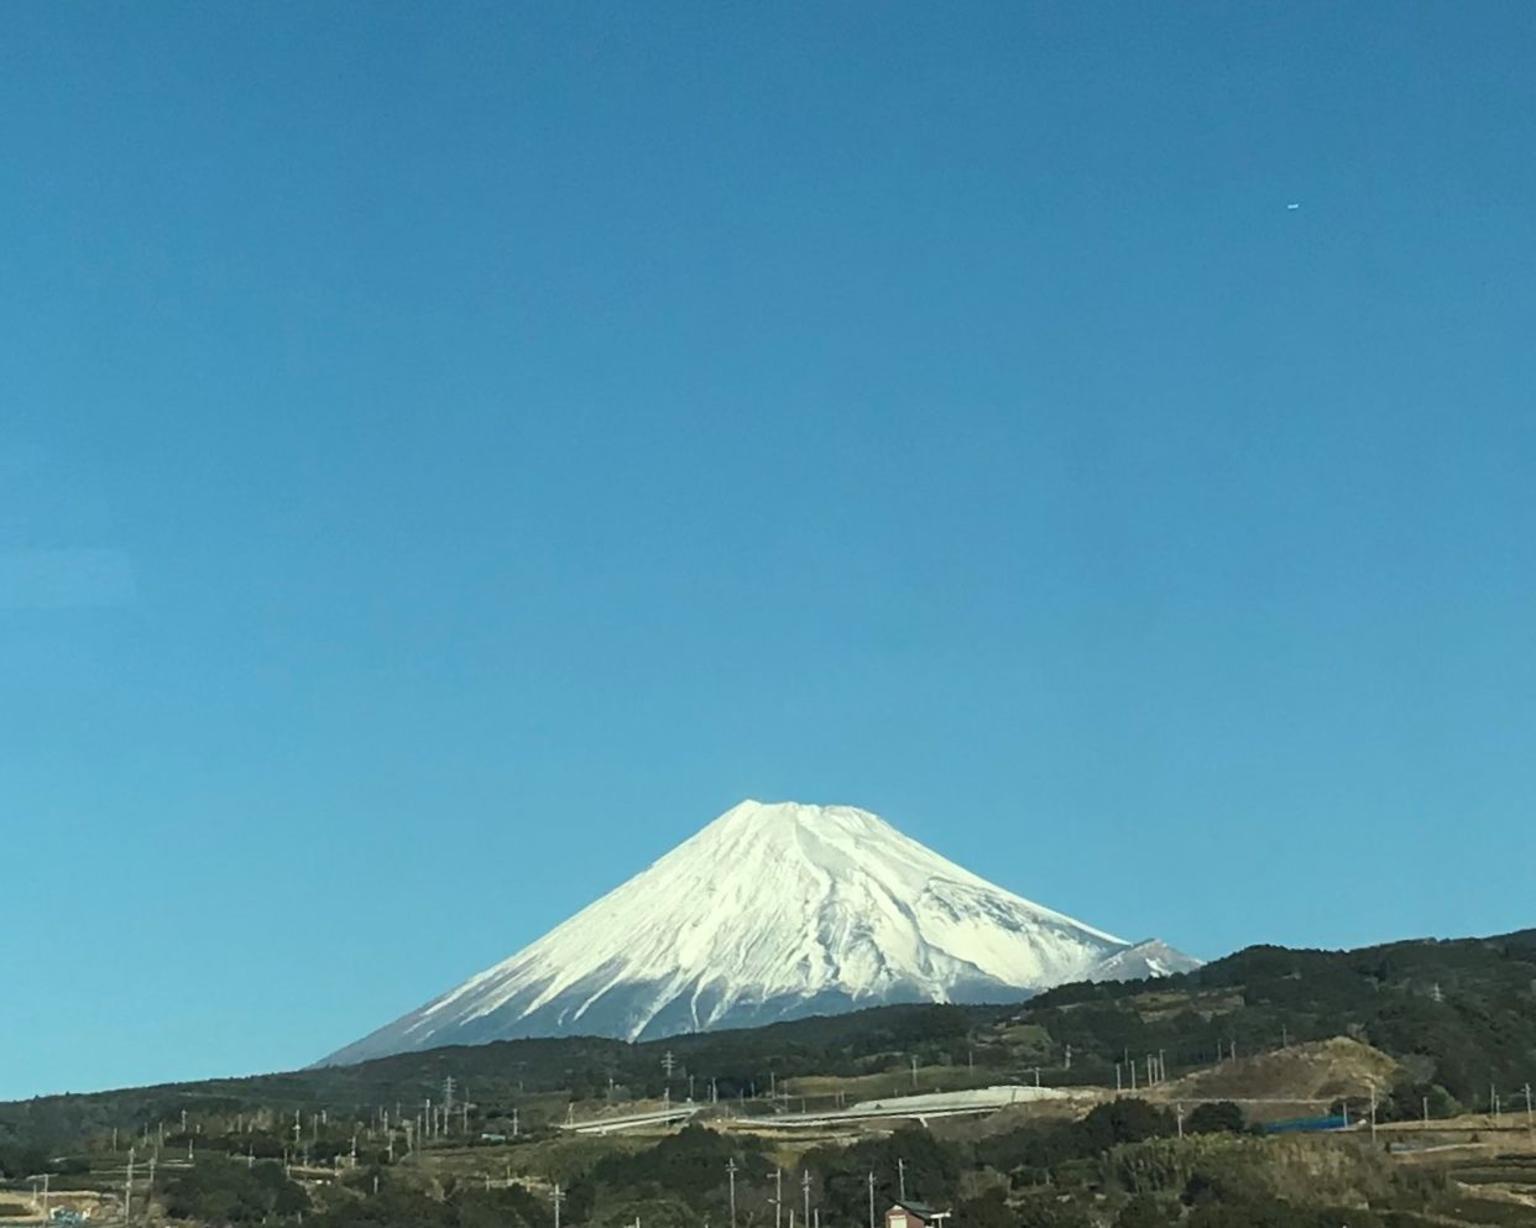 MÁS FOTOS, Excursión de 1 día a Kioto en tren bala desde Tokio